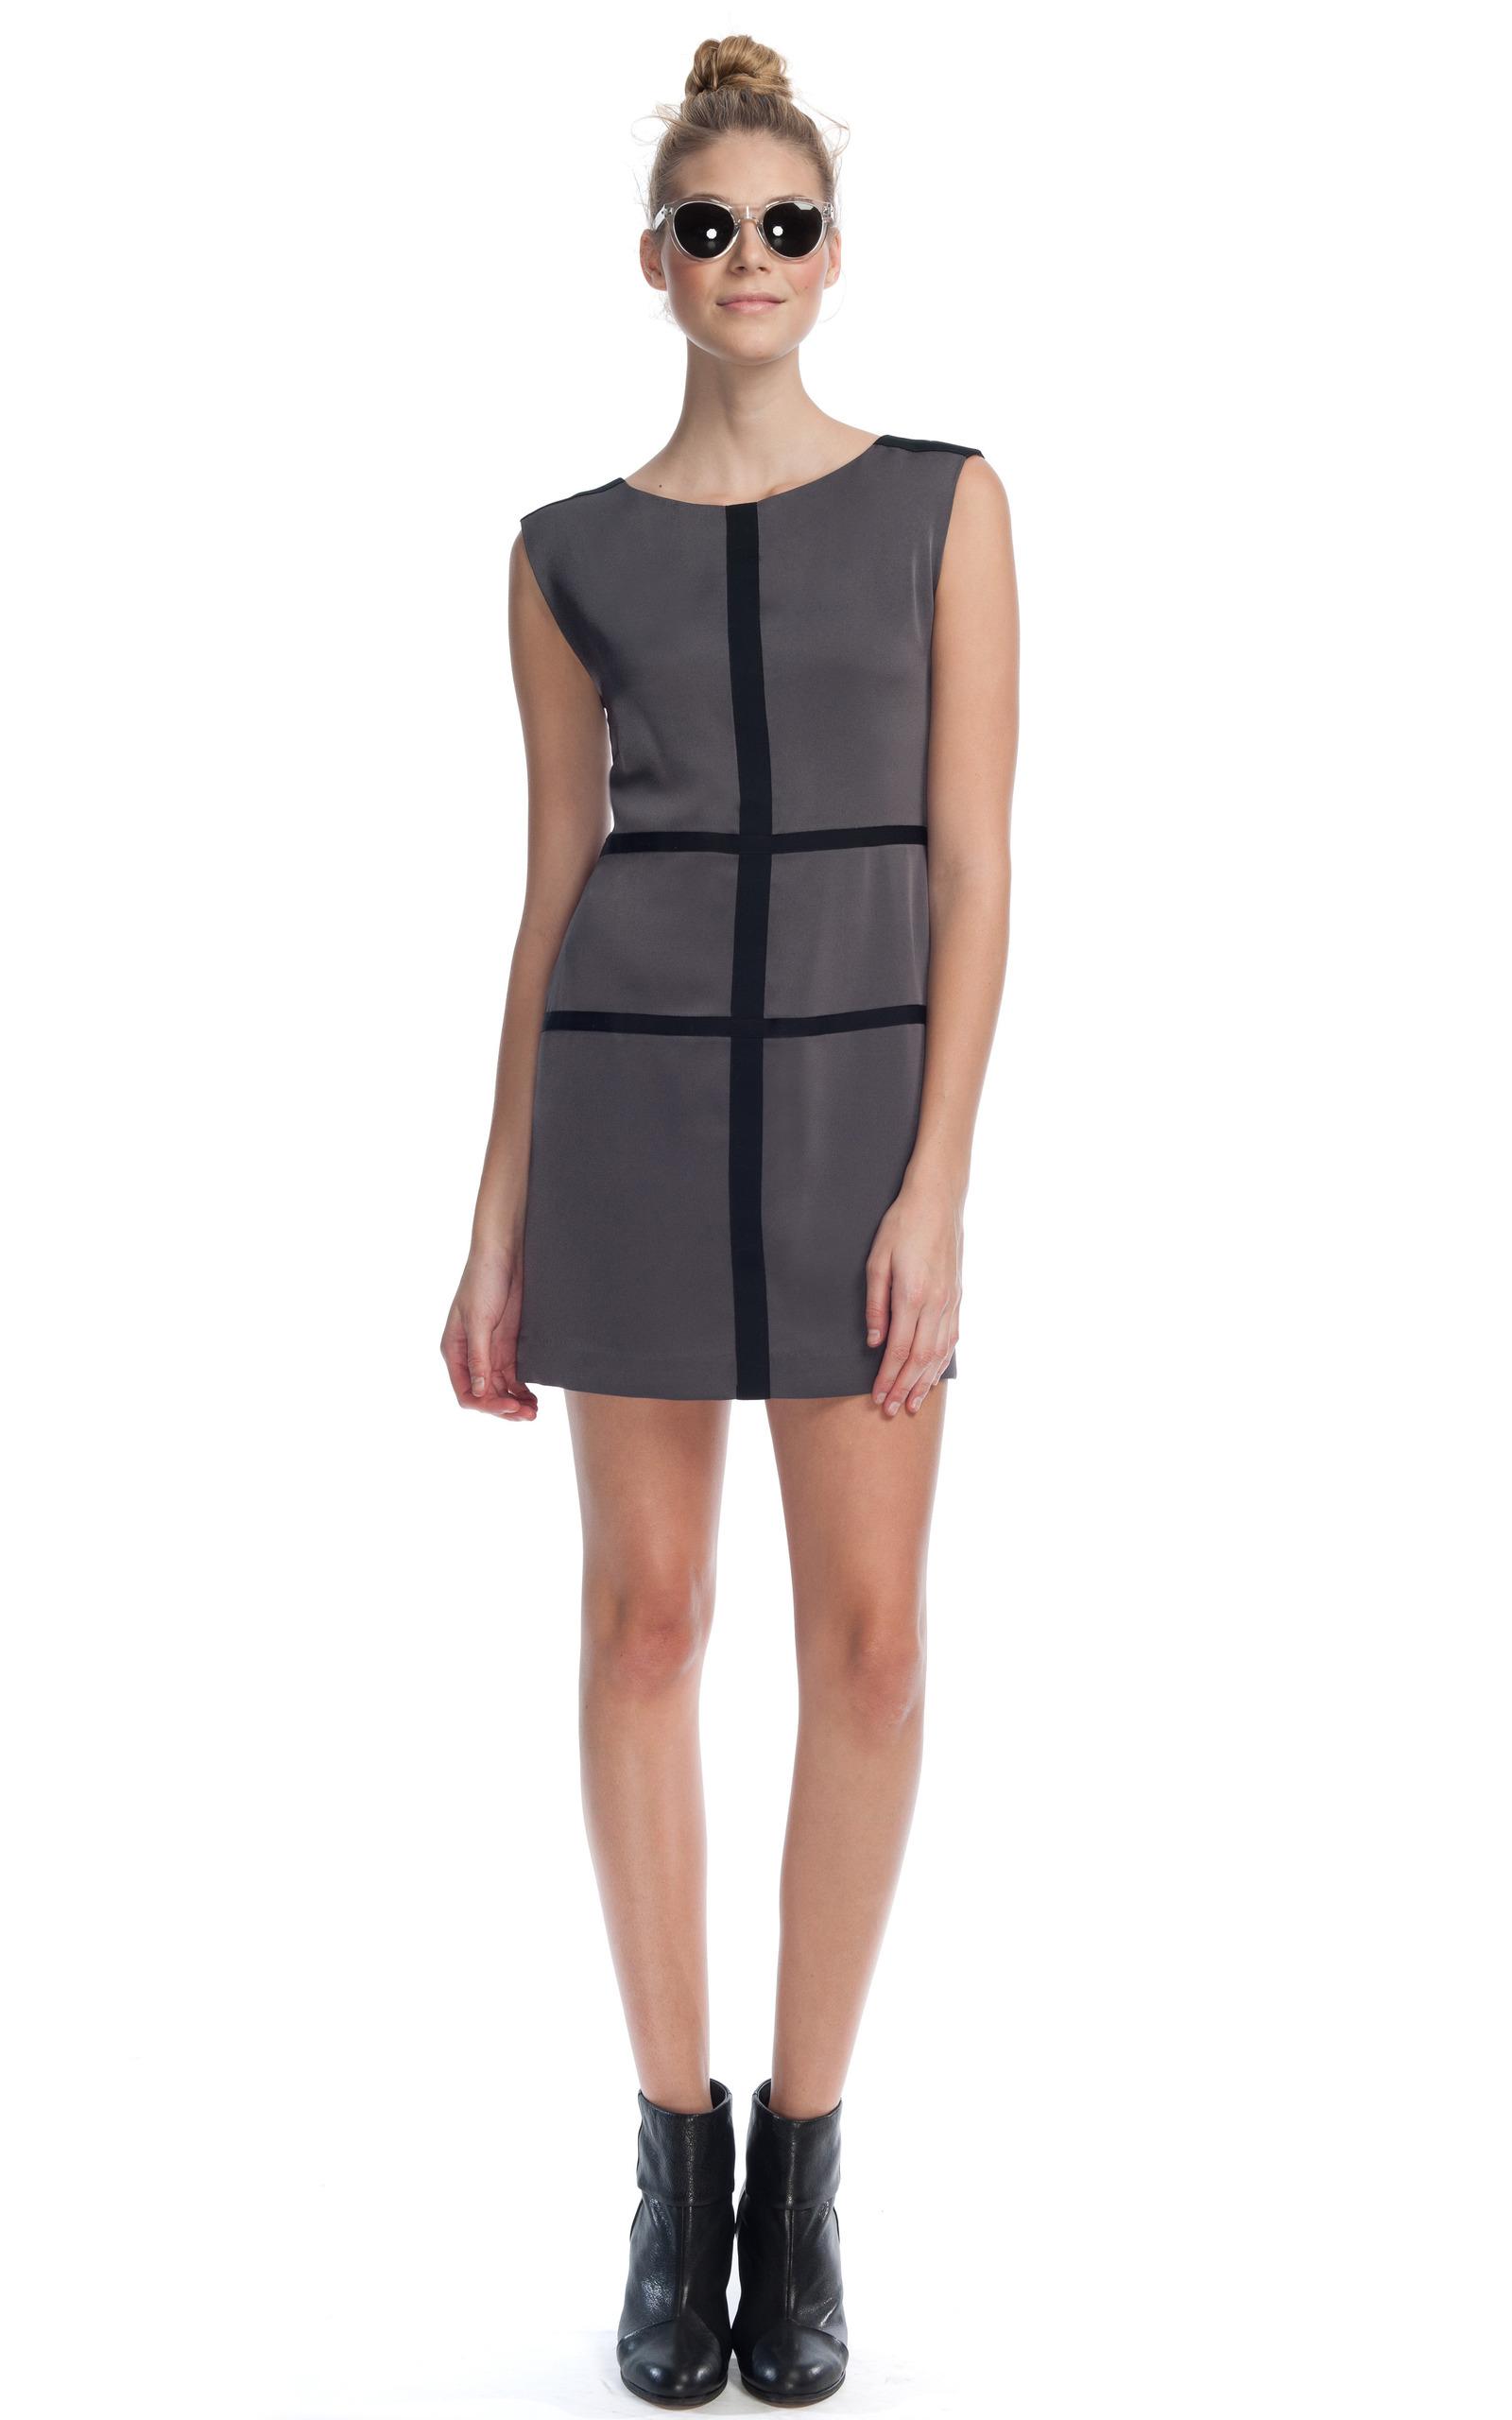 96383f16064ac Evelyn Dress by Rag & Bone | Moda Operandi